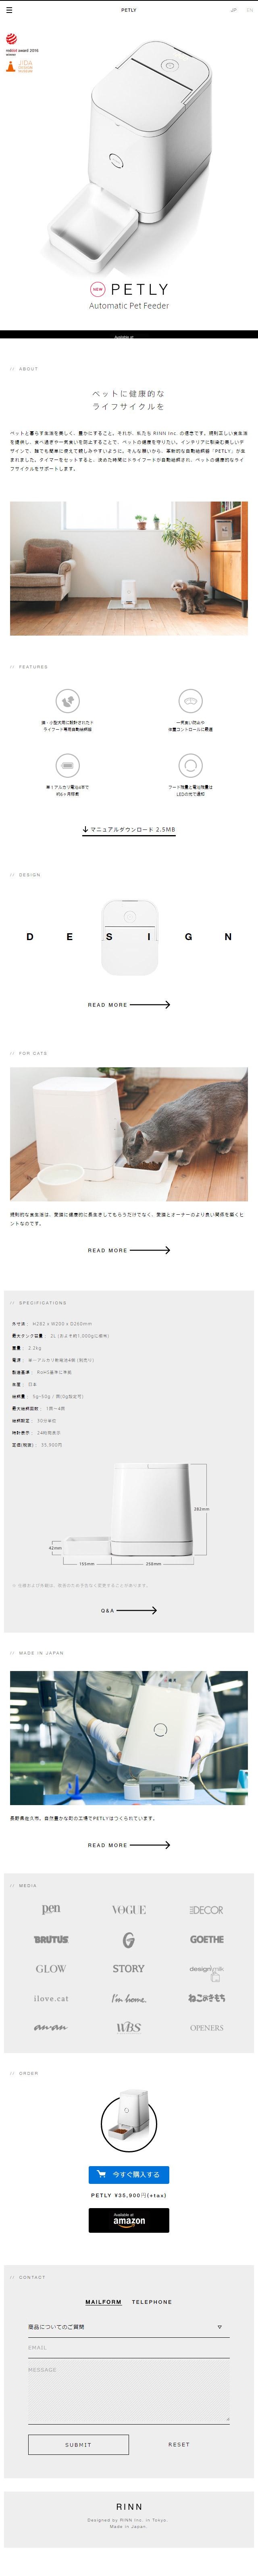 Petly ペット 花 Diy工具関連 のlpデザイン Webデザイナーさん必見 スマホランディングページのデザイン参考に シンプル系 Lp デザイン ウェブデザイン ペット